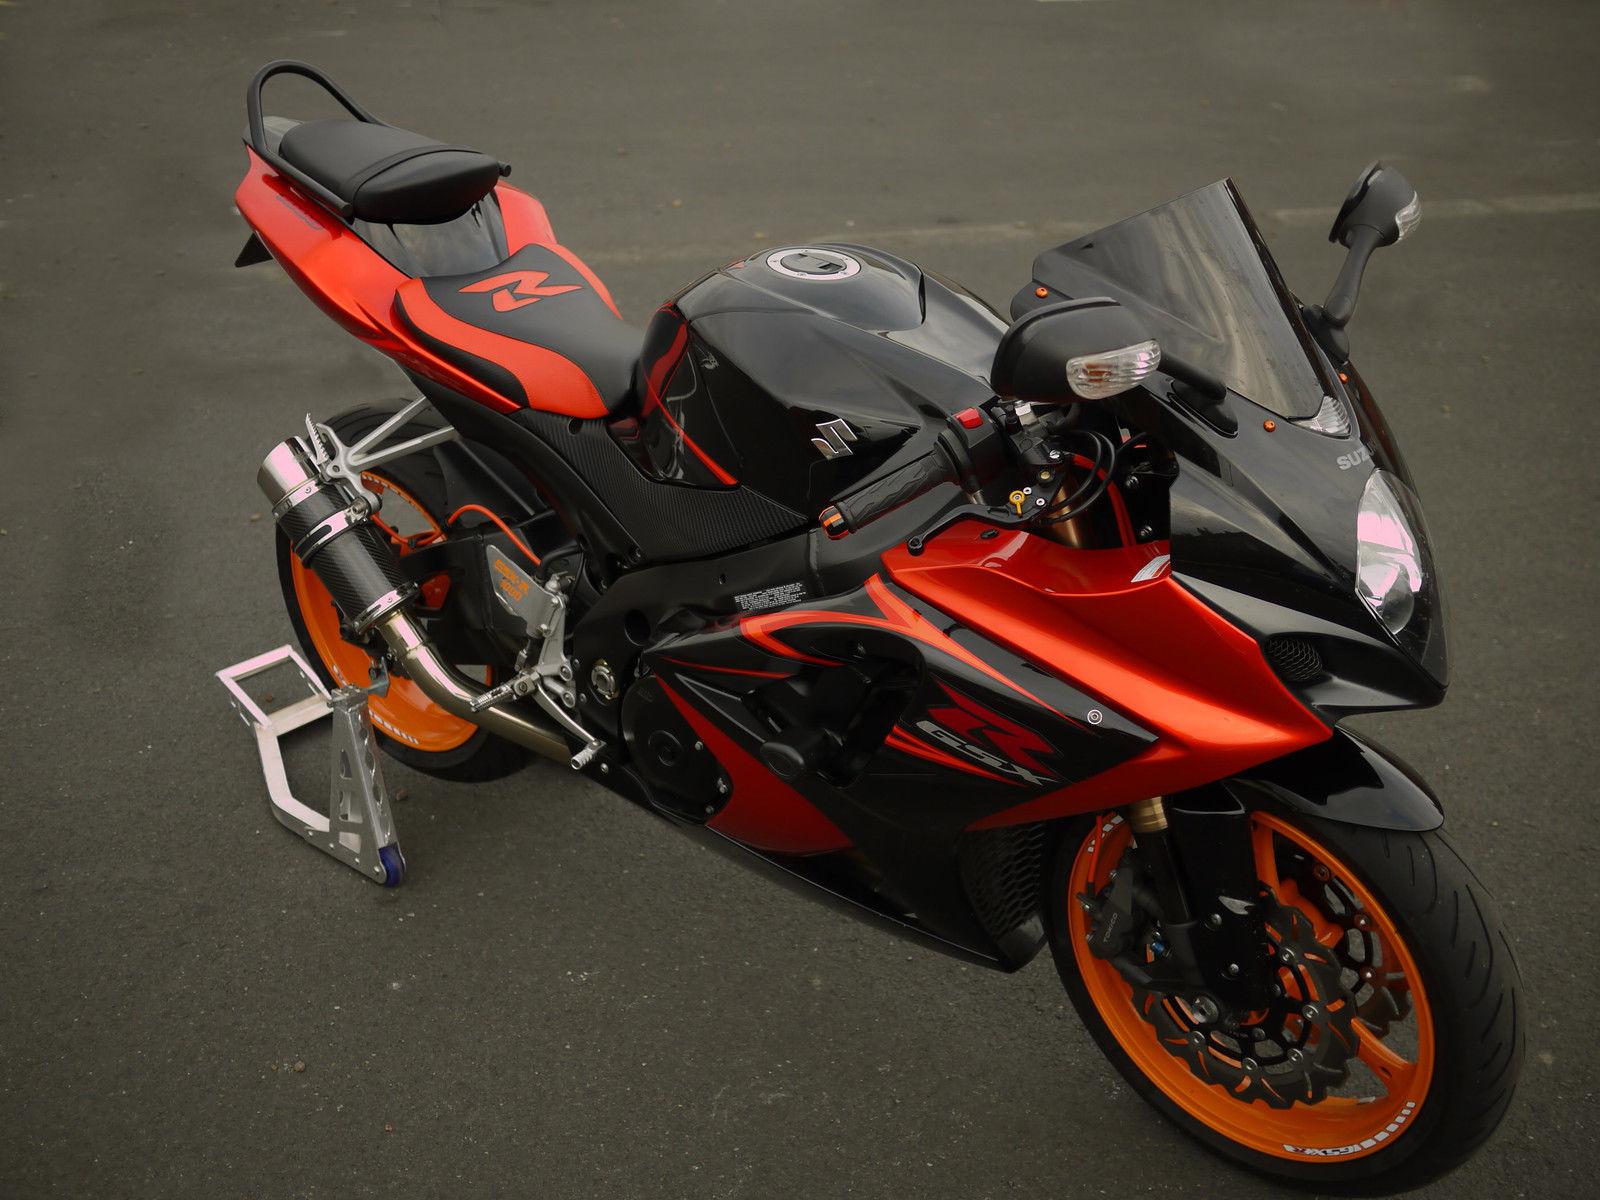 2008 suzuki gsxr 1000 black orange. Black Bedroom Furniture Sets. Home Design Ideas